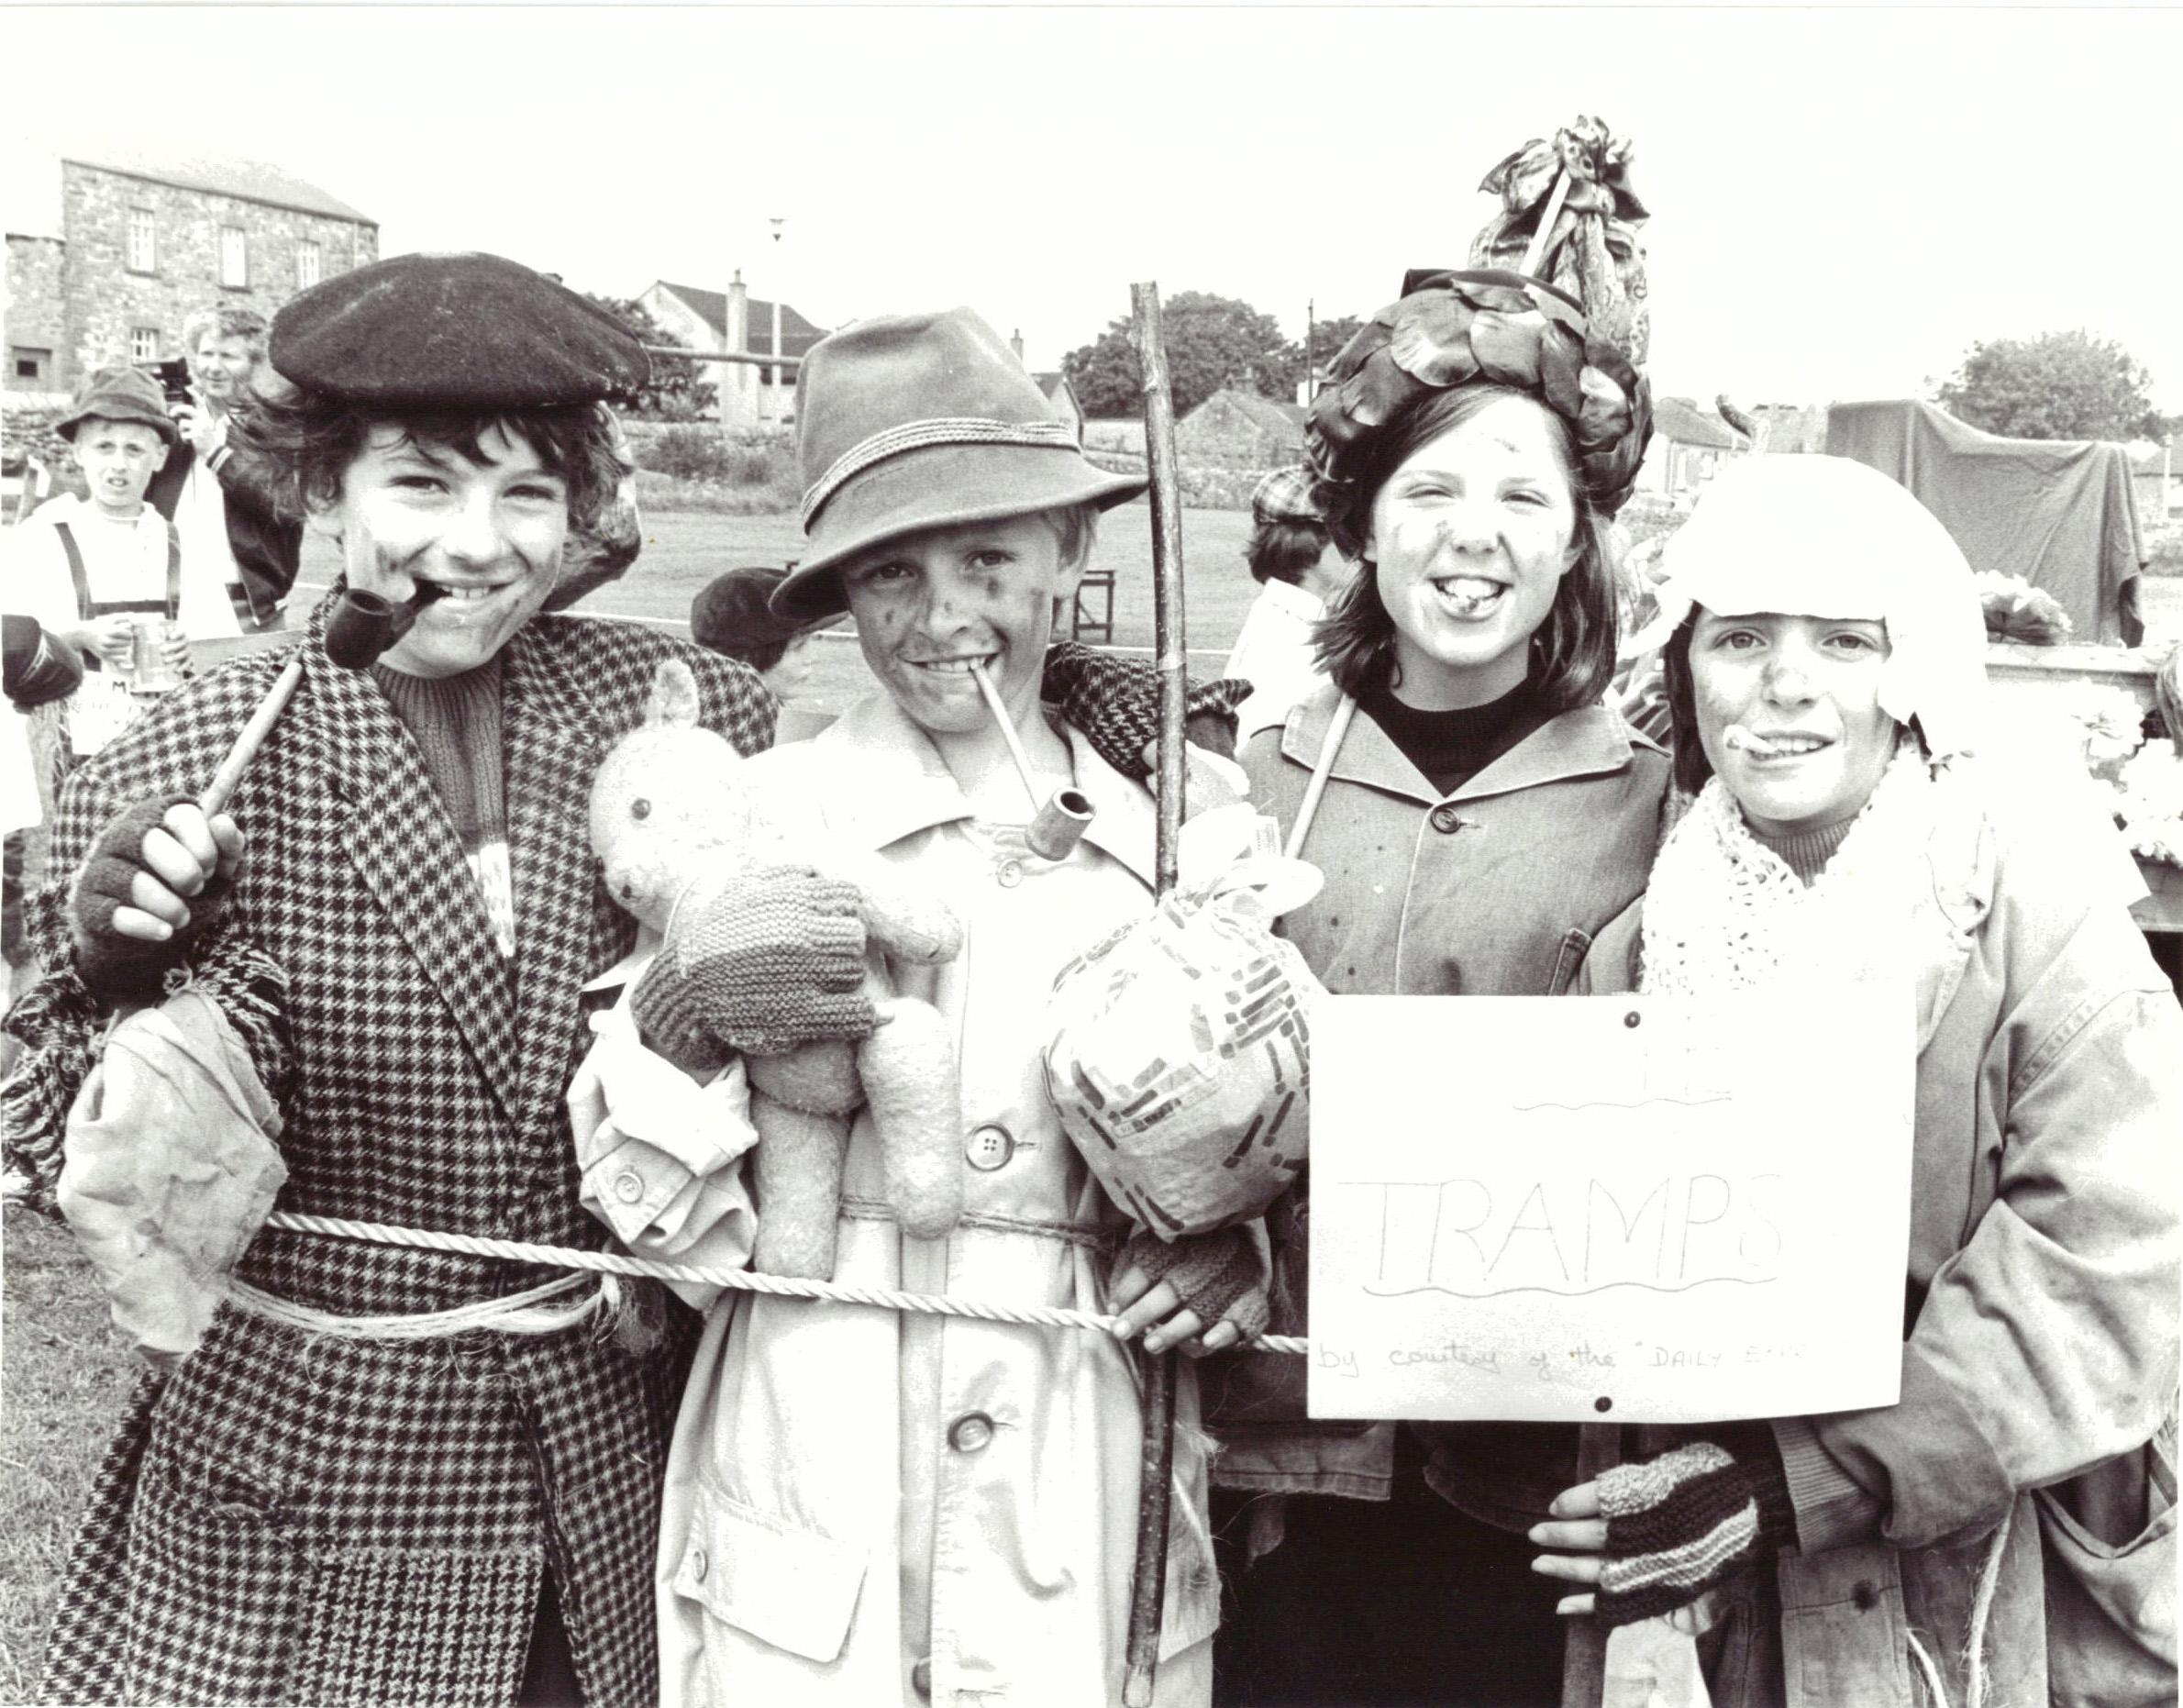 Field Day 1980